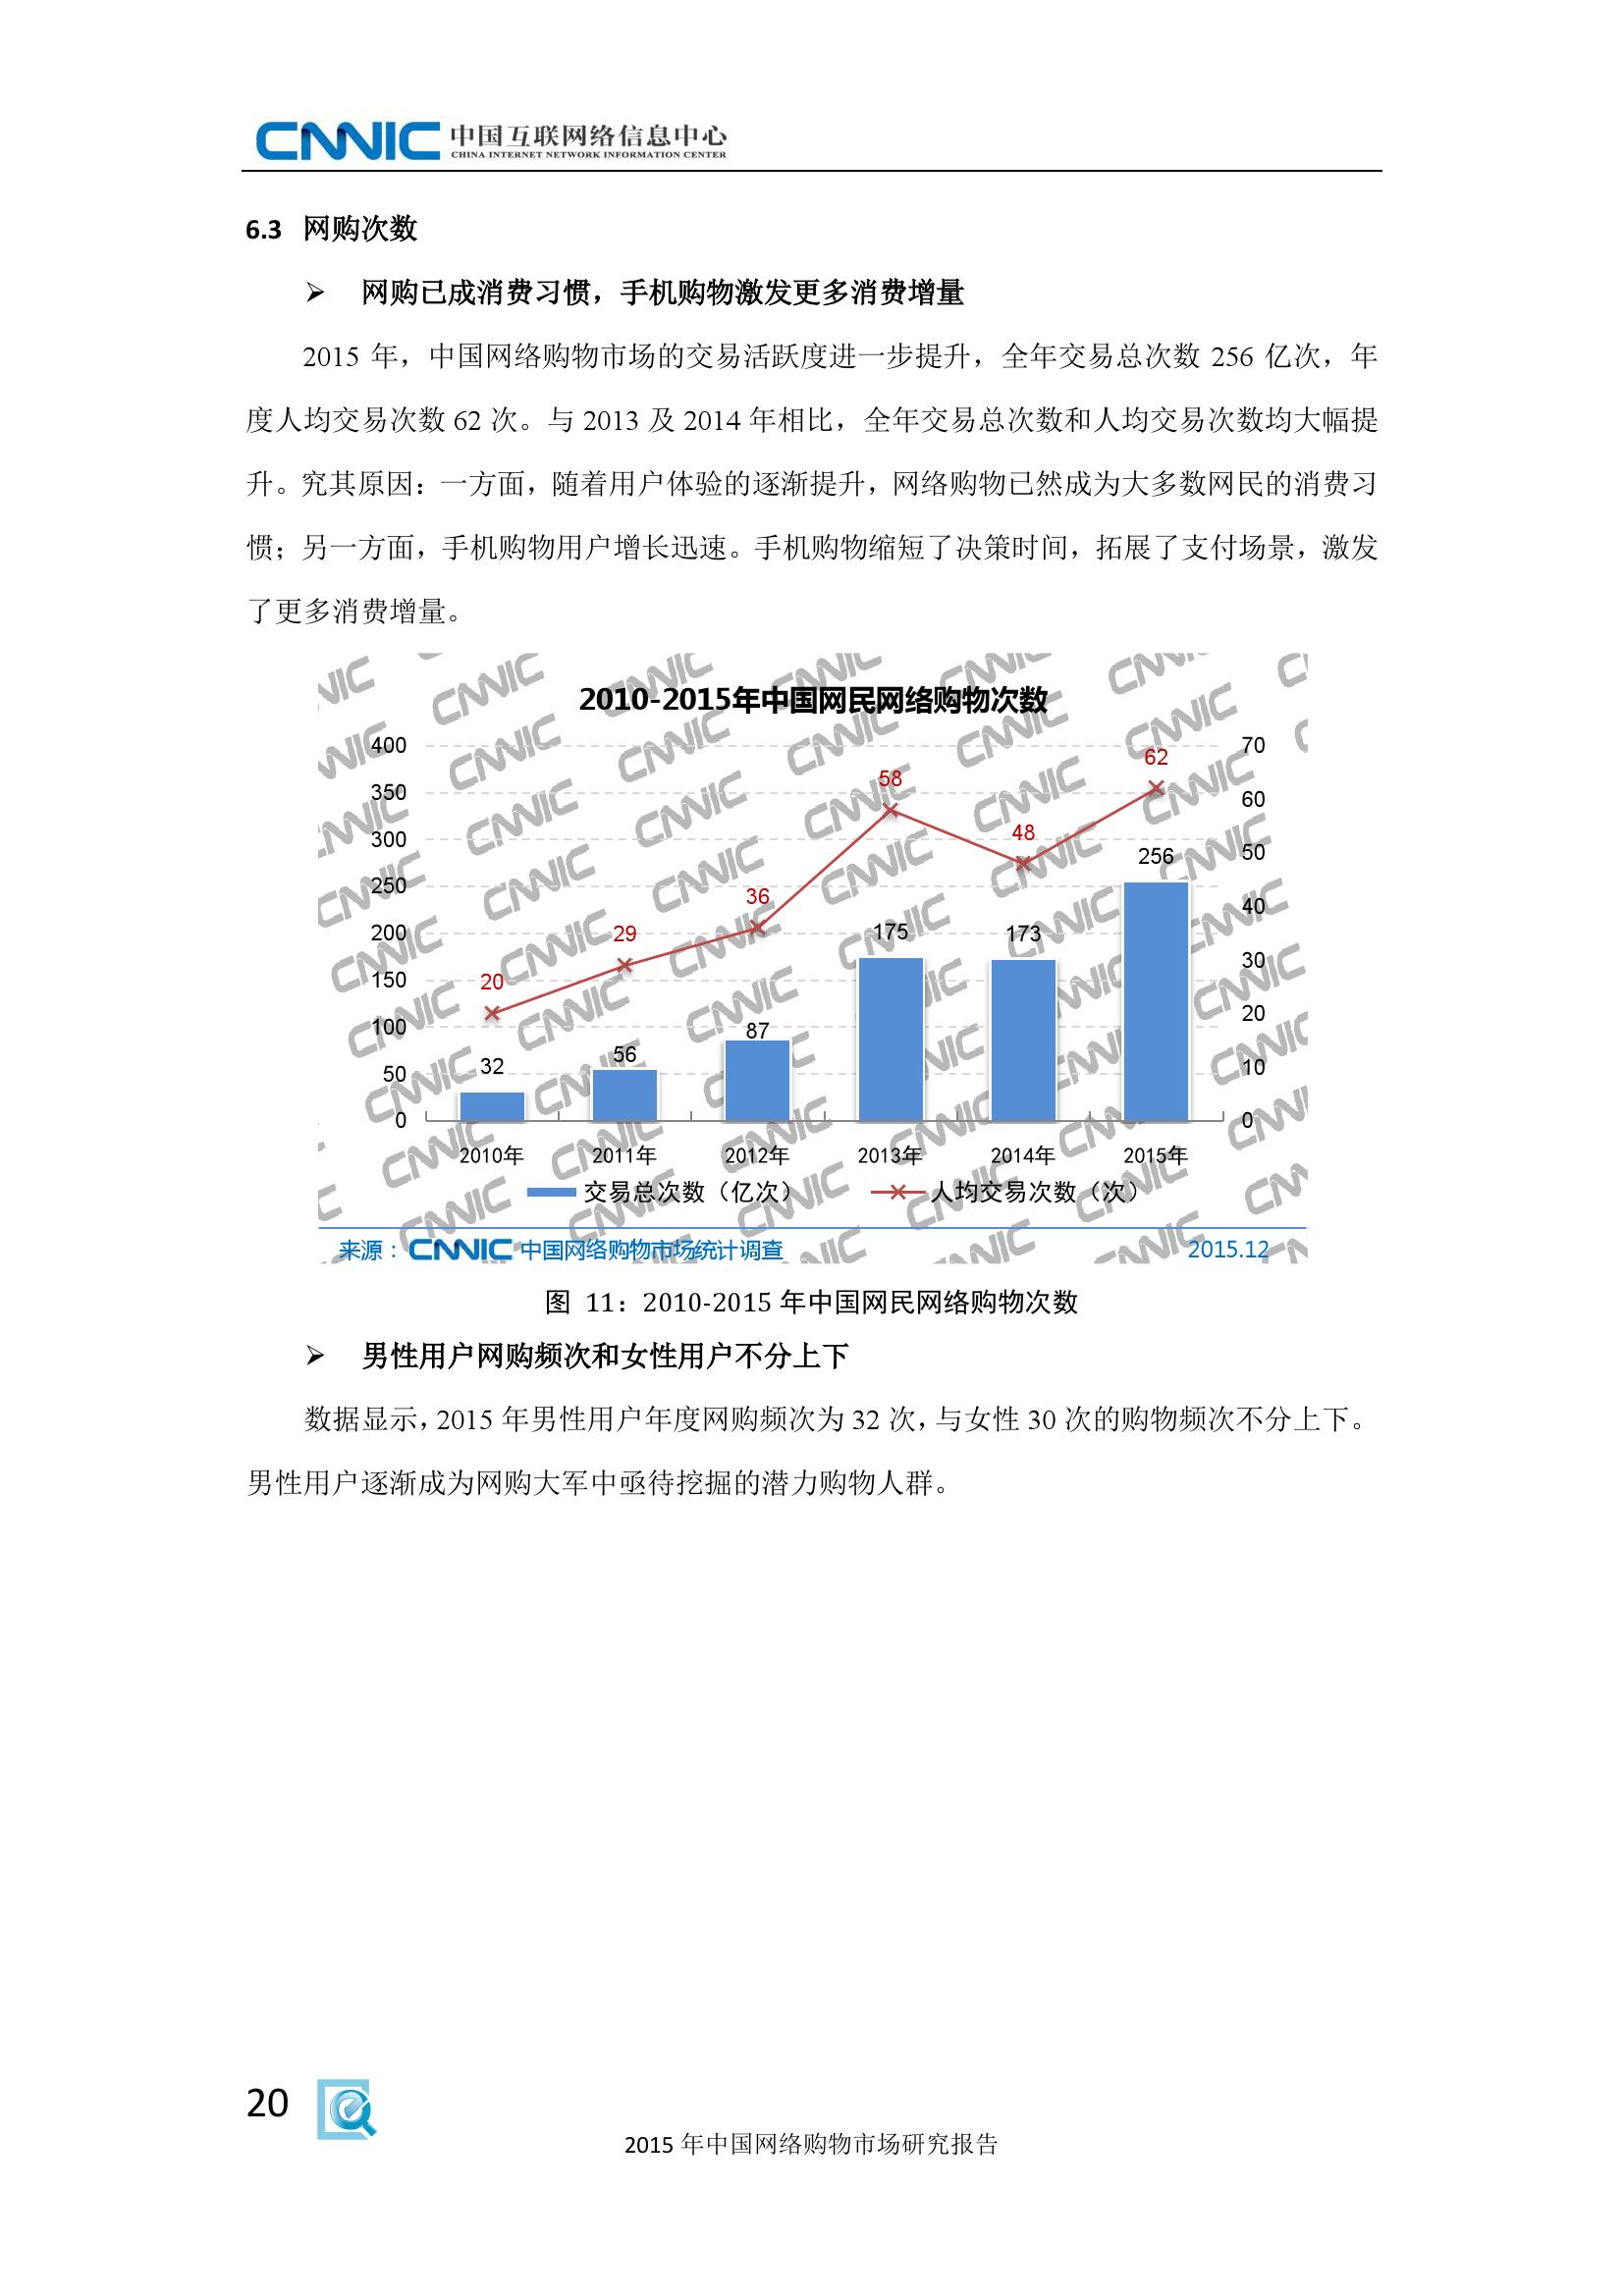 2015年中国网络购物市场研究报告_000028